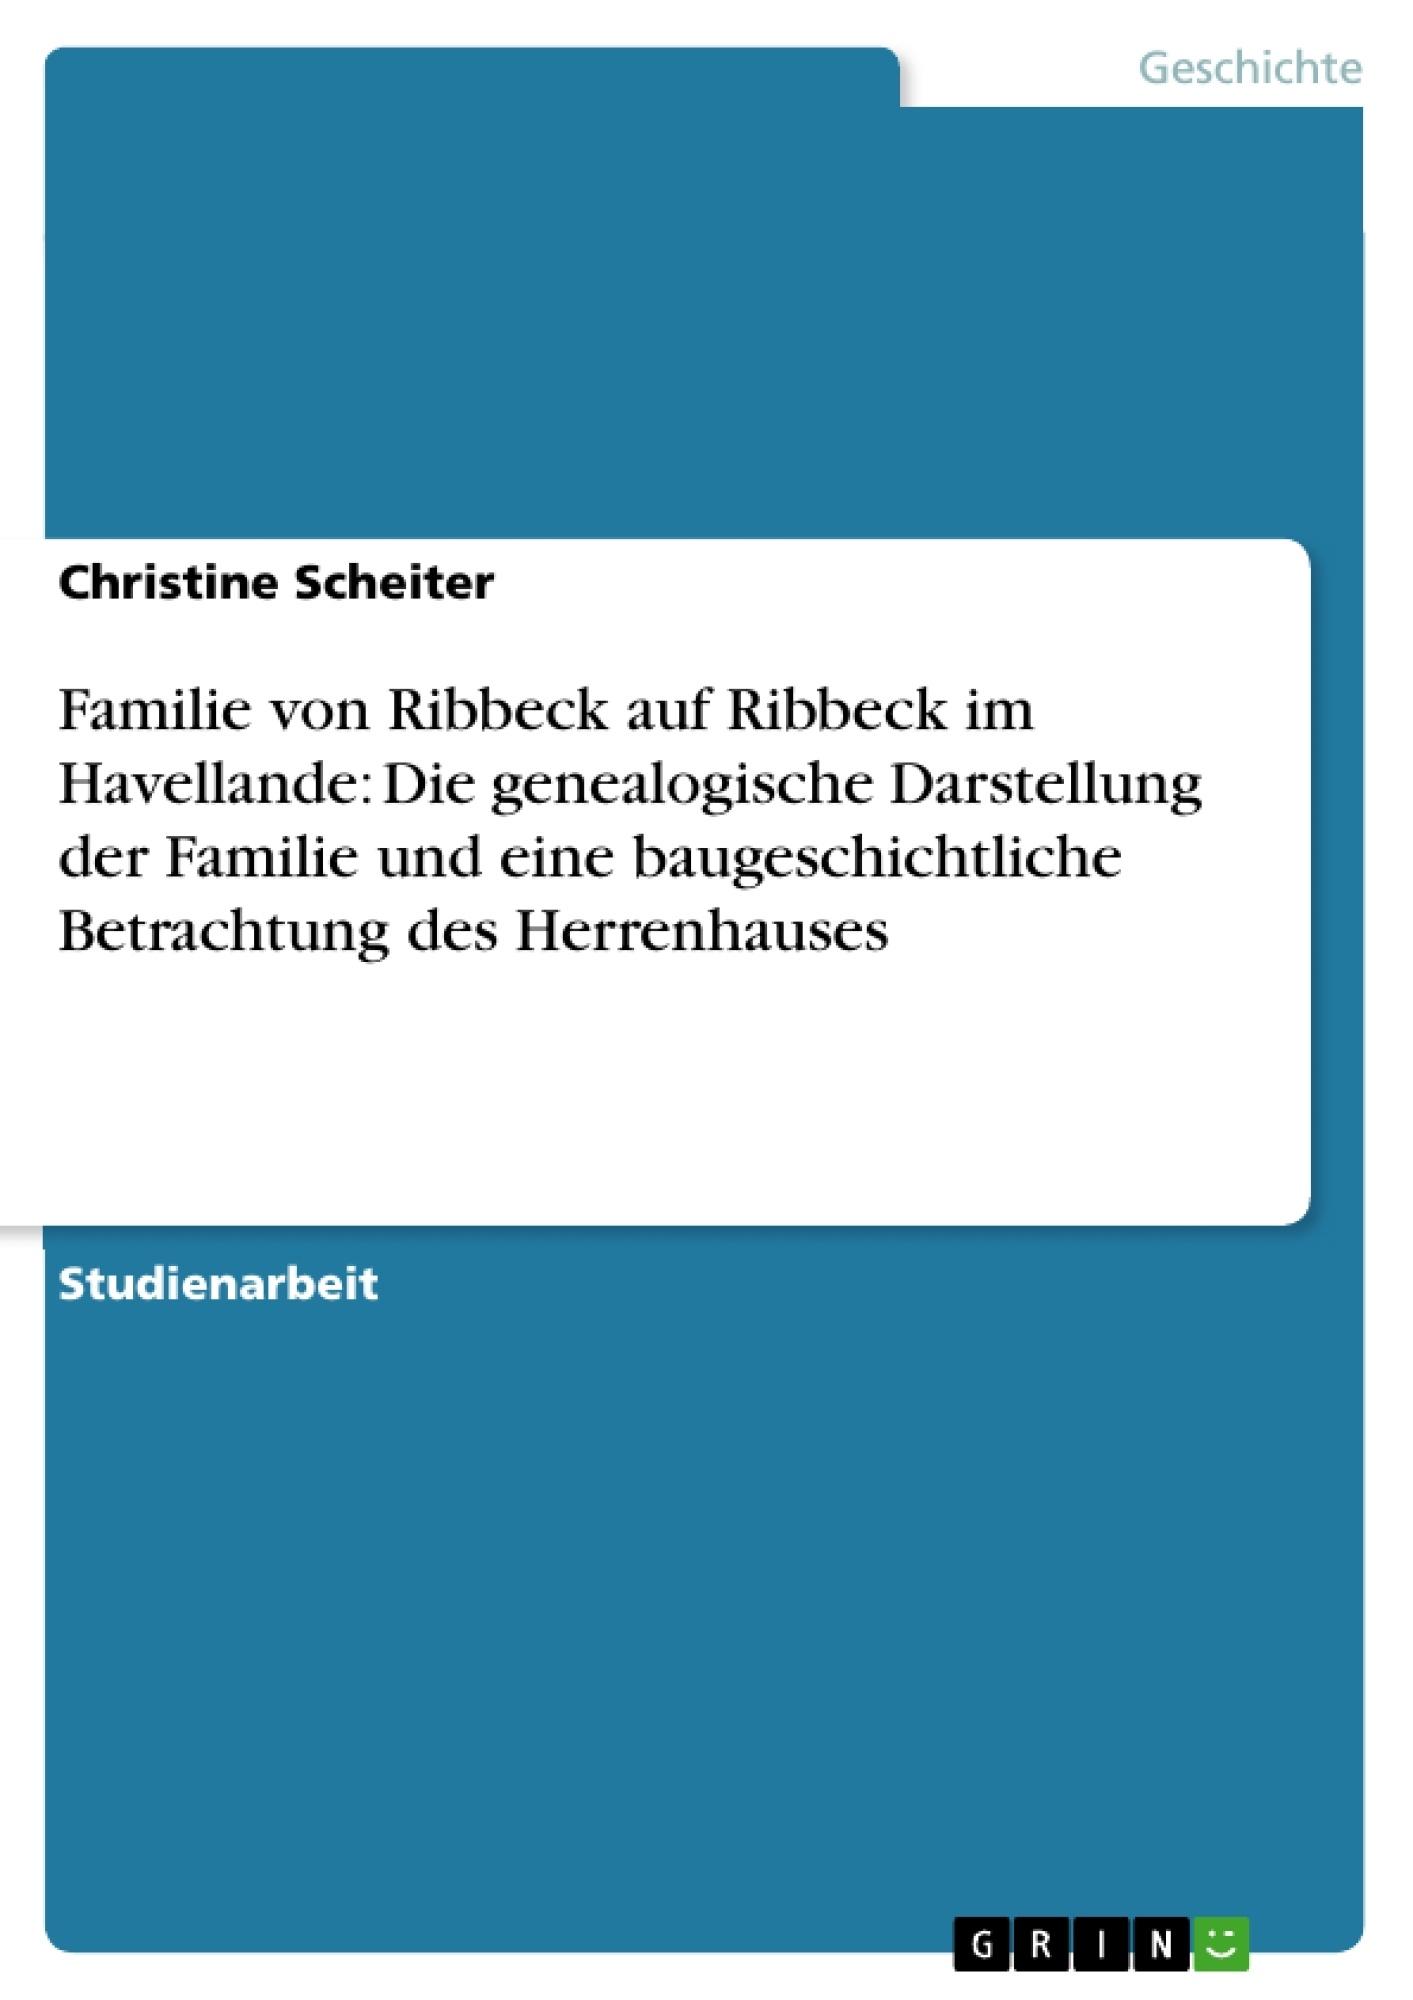 Titel: Familie von Ribbeck auf Ribbeck im Havellande: Die genealogische Darstellung der Familie und eine baugeschichtliche Betrachtung des Herrenhauses